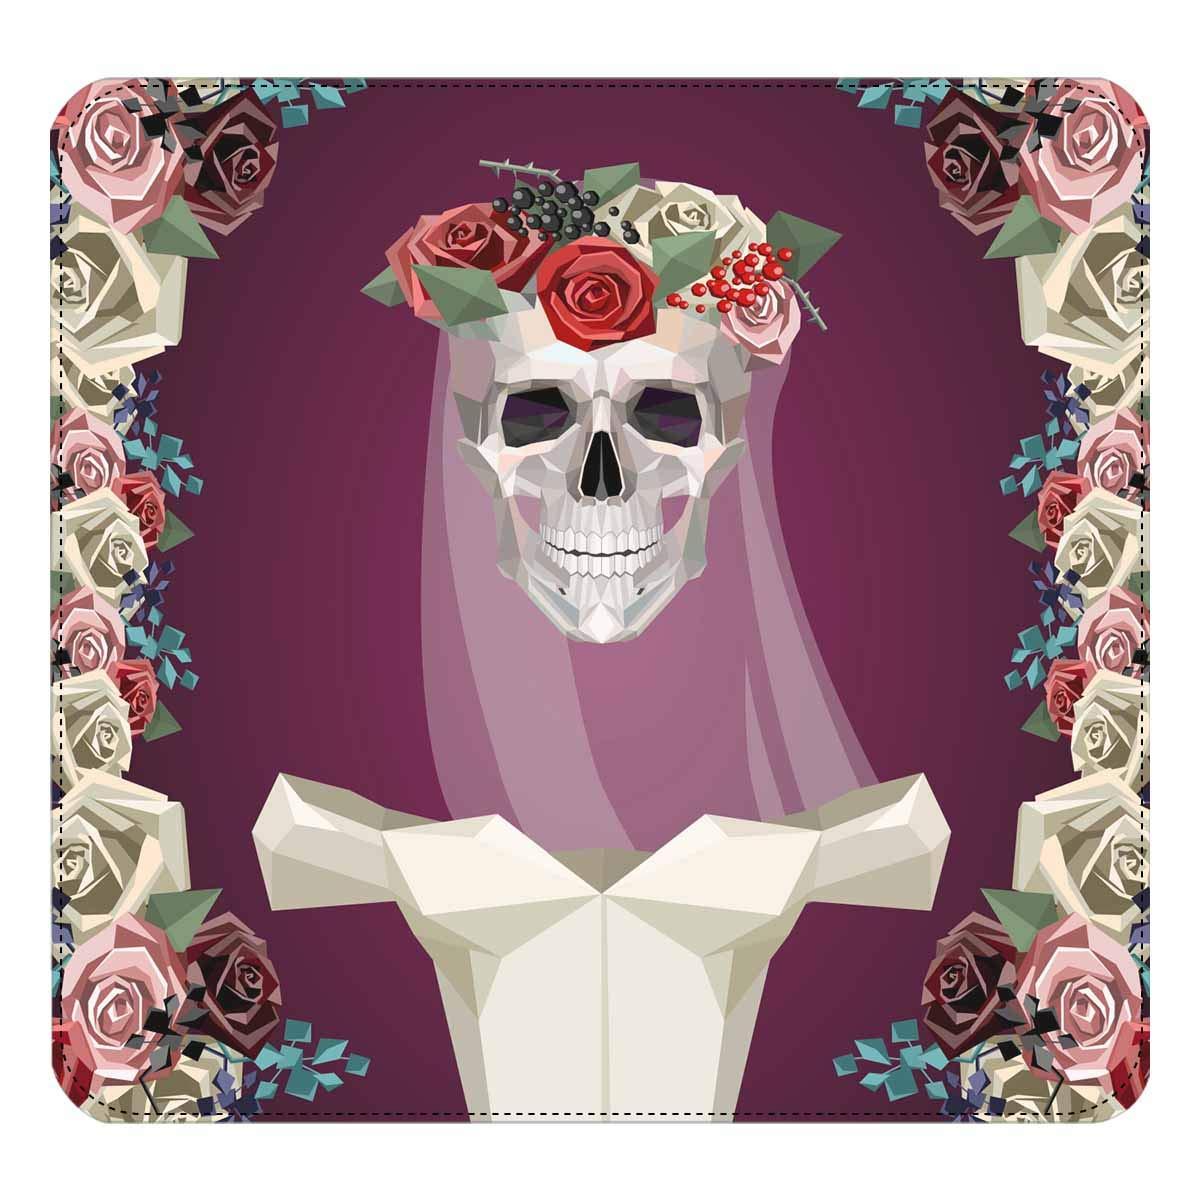 InterestPrint Womens Skeleton of Bride with White Dress Flower Wreath Clutch Purse Card Holder Organizer Ladies Purse